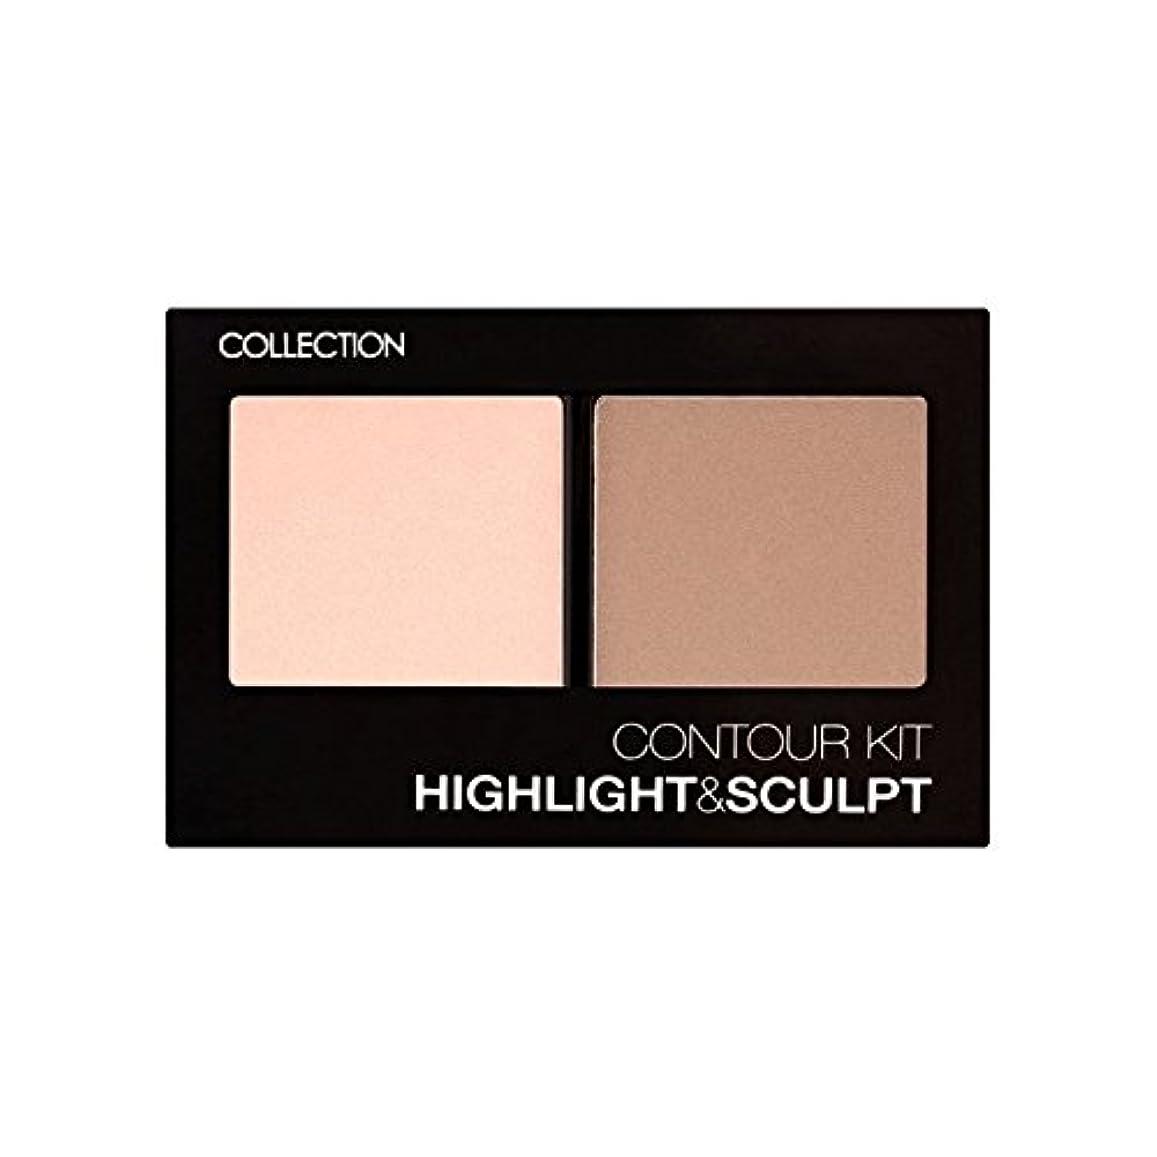 施設発表する決済Collection Contour Kit Contour Kit 1 (Pack of 6) - コレクション、輪郭キット輪郭キット1 x6 [並行輸入品]